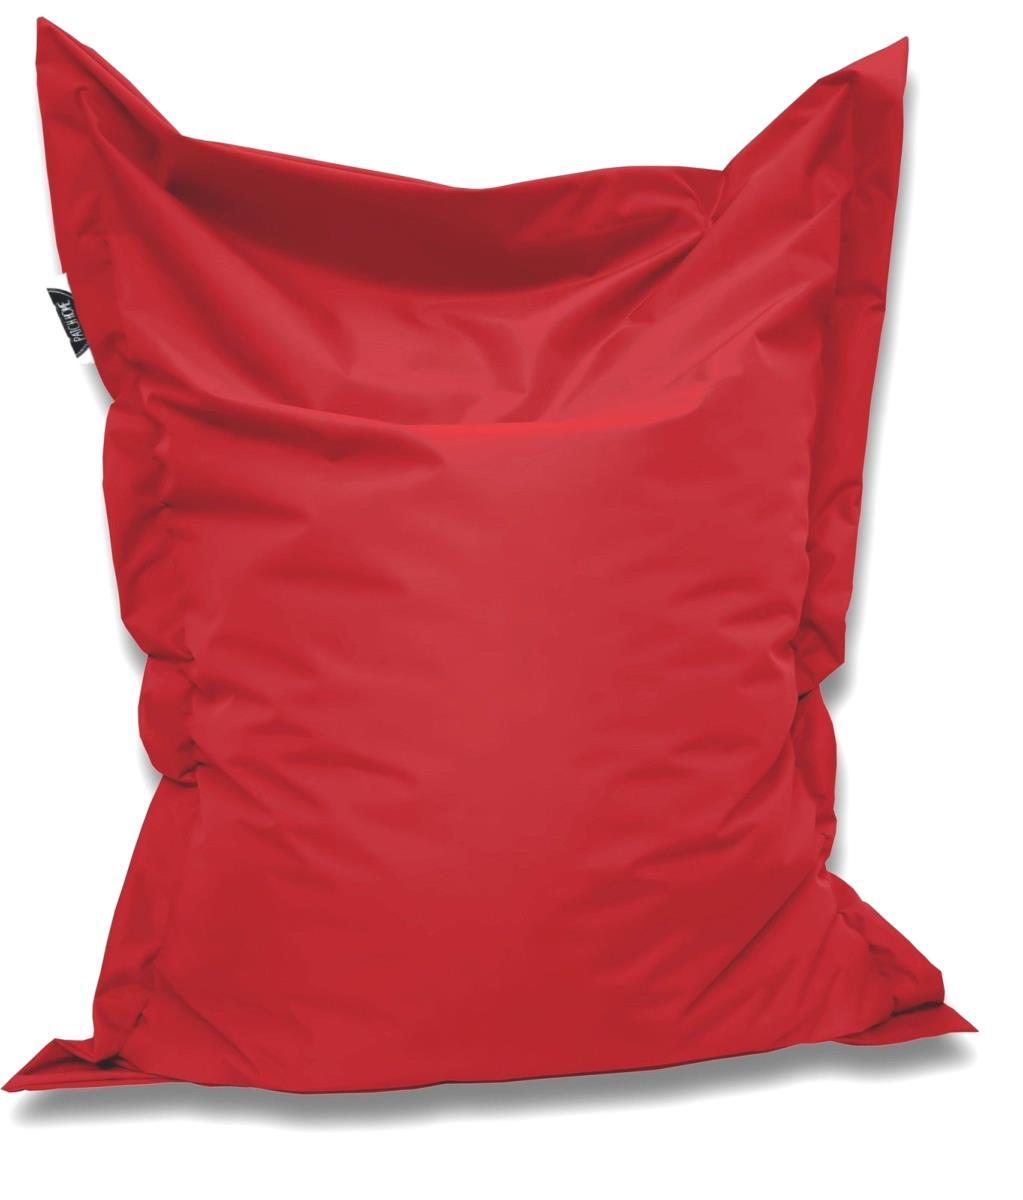 pouf geant de 200x145cm avec remplissage rouge. Black Bedroom Furniture Sets. Home Design Ideas